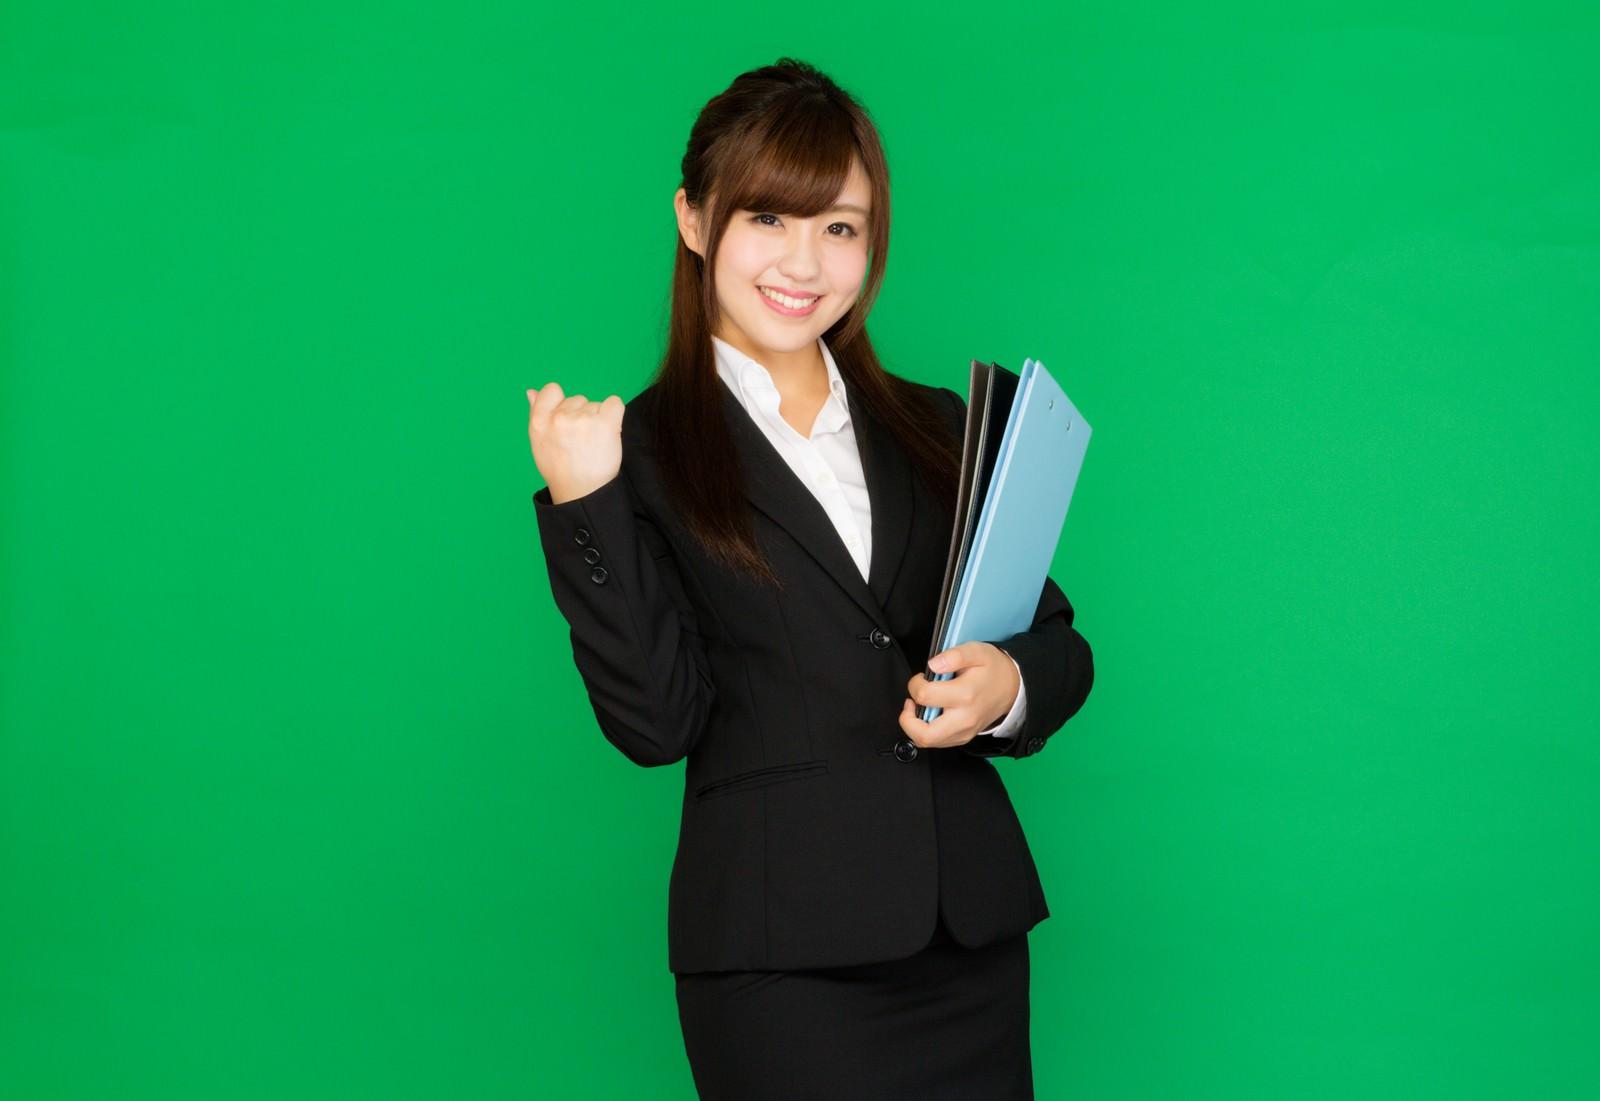 「書類を抱えた新卒女子(グリーンバック)書類を抱えた新卒女子(グリーンバック)」[モデル:河村友歌]のフリー写真素材を拡大